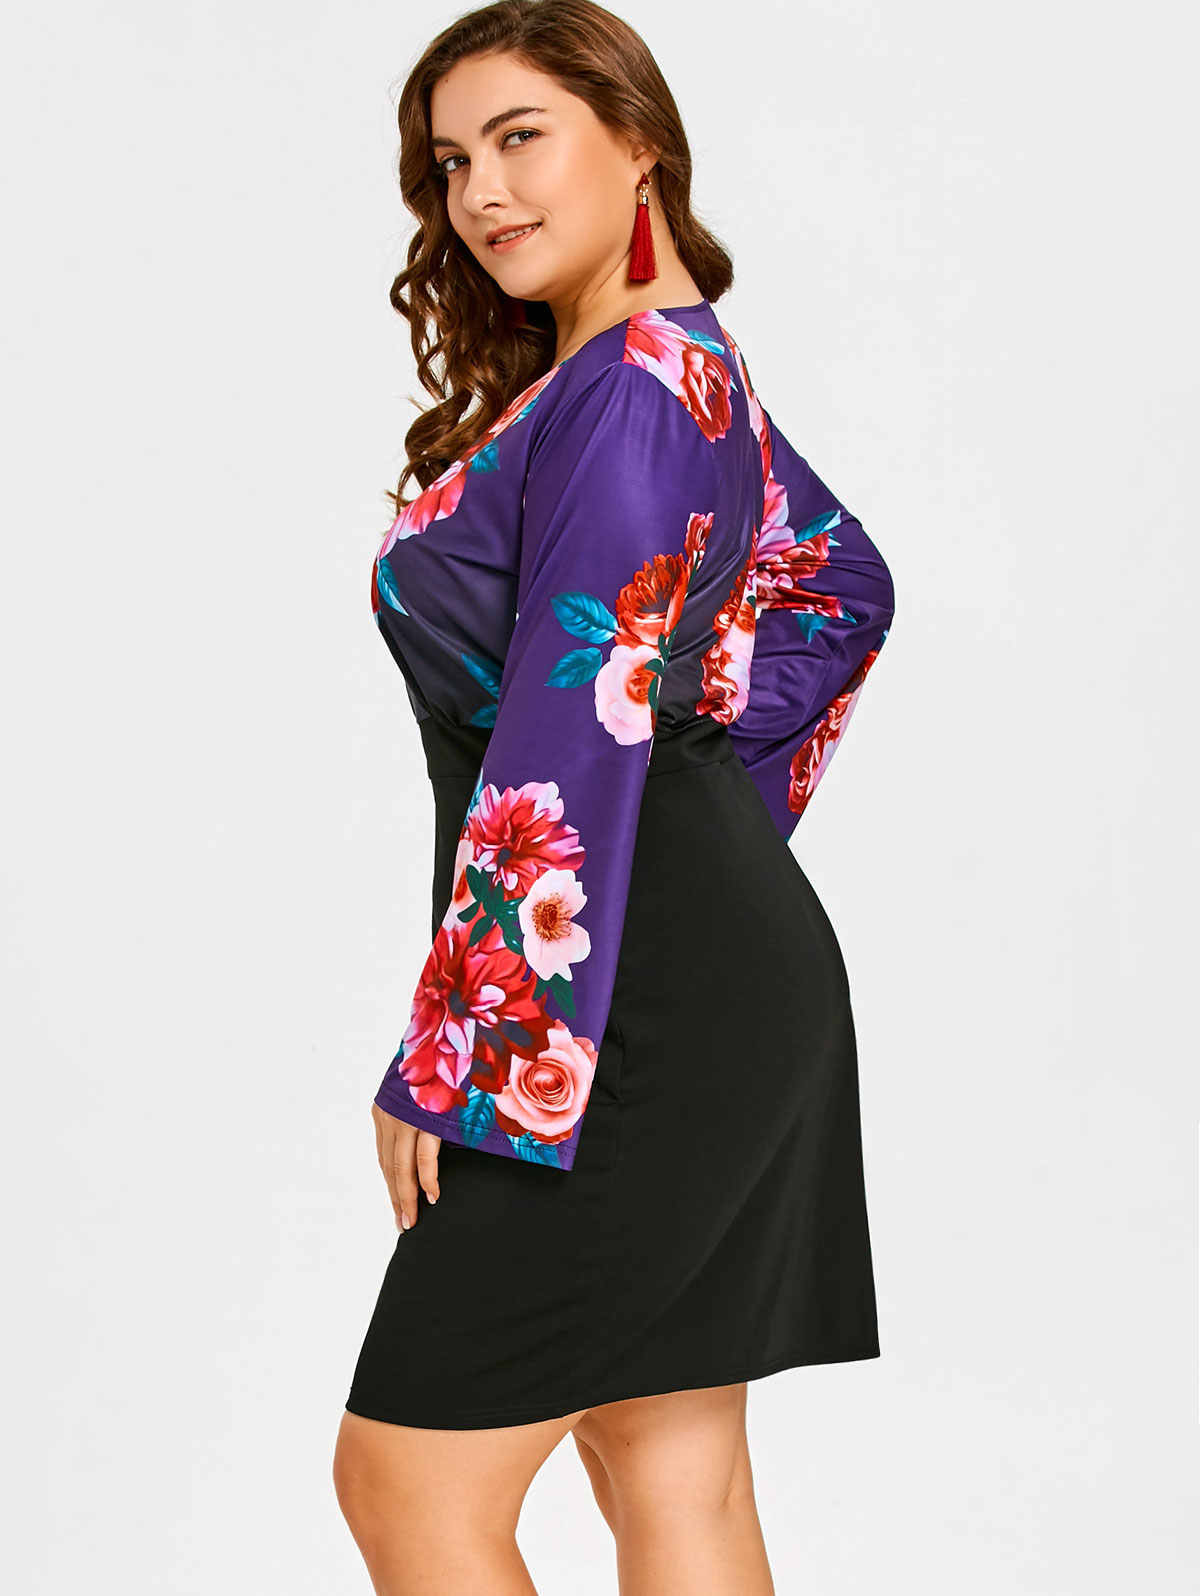 Wisalo плюс размер цветочный принт с длинным рукавом Карандаш Платье приталенное с v-образным вырезом изысканное платье с узкой талией Vestidos 5XL